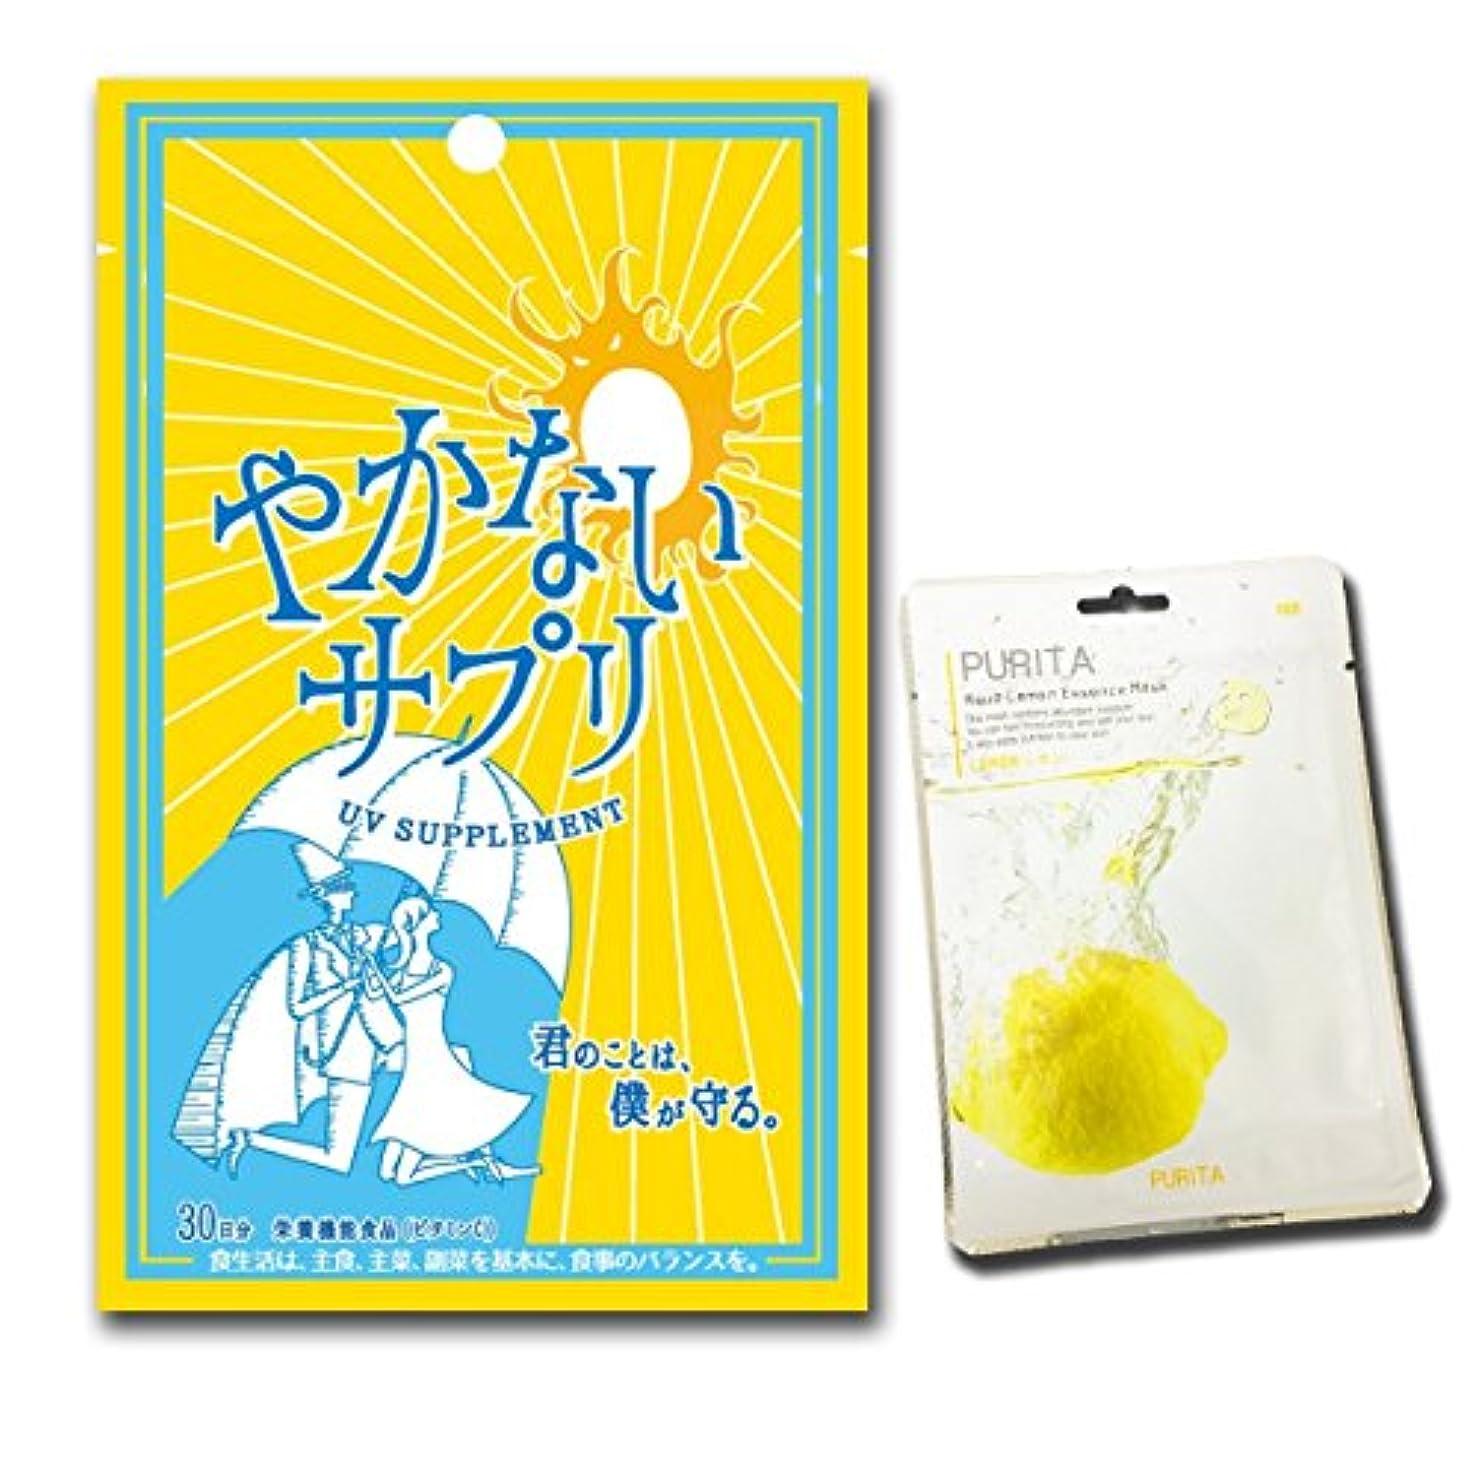 自治的どこか制限する飲む日焼け止め やかないサプリ 日本製 (30粒/30日分) PURITAフェイスマスク1枚付